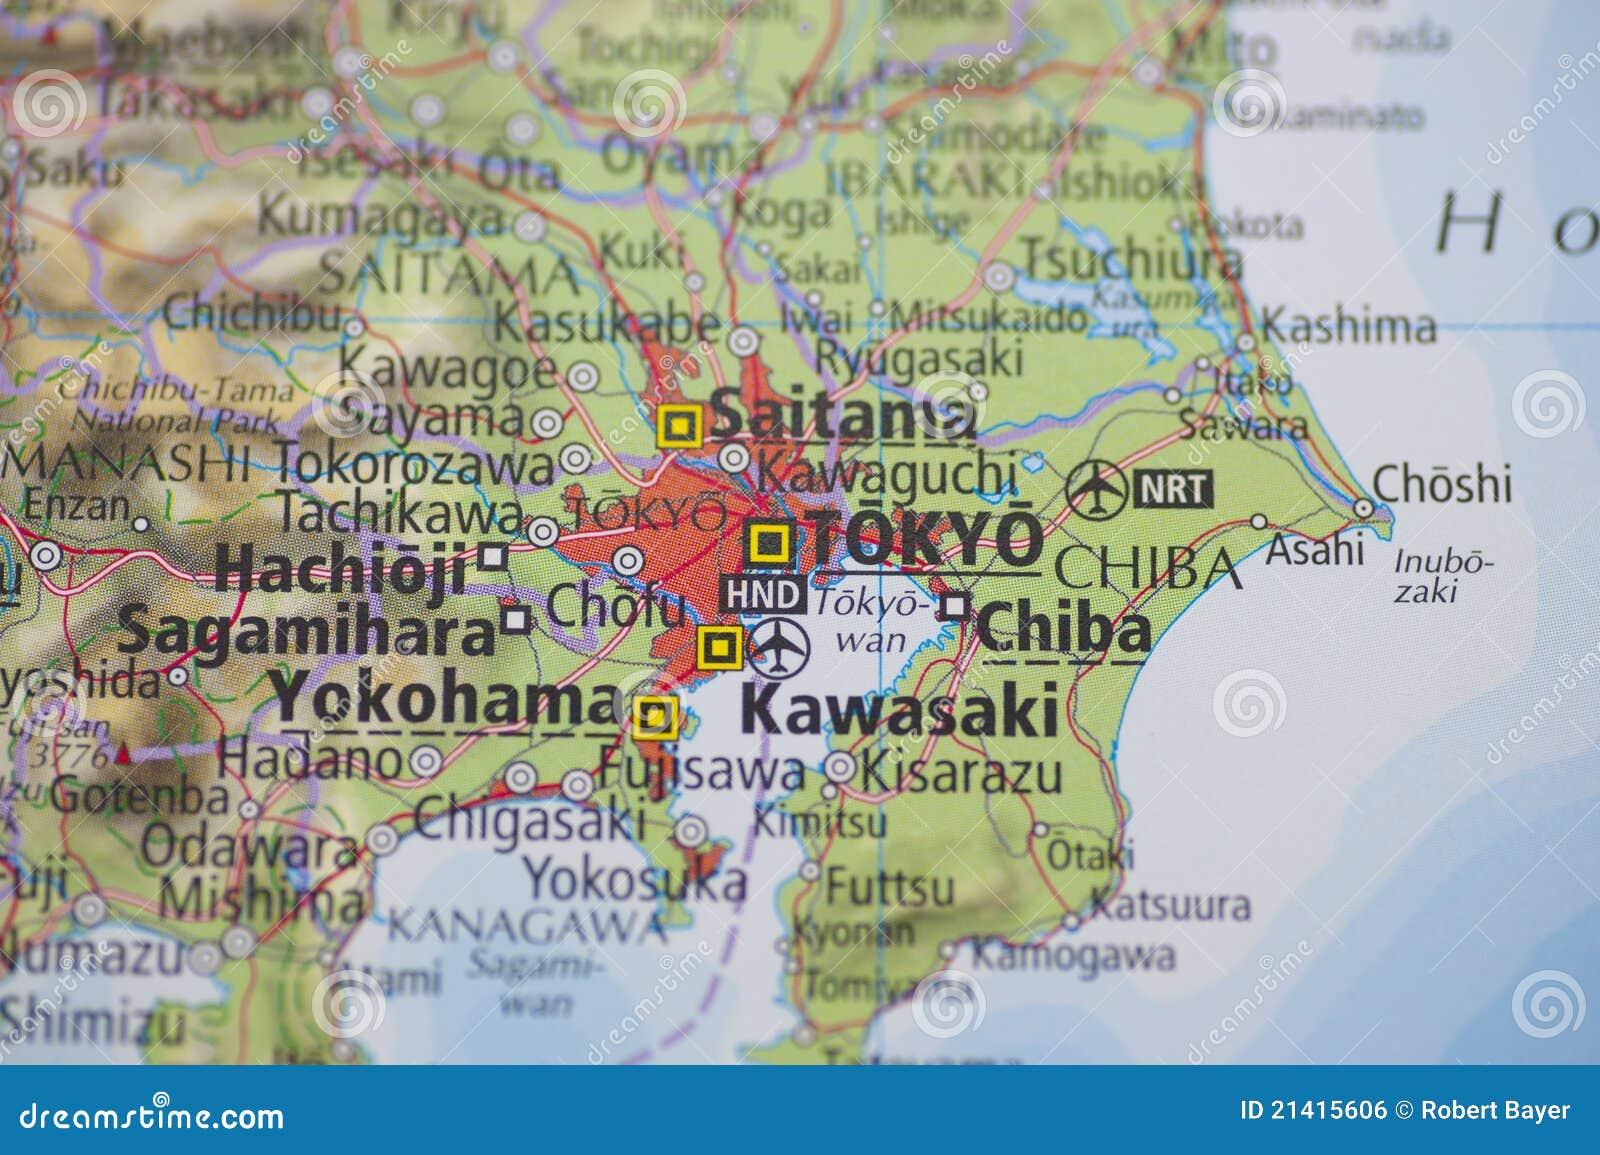 Atlas Map Tokyo Royalty Free Stock Image Image - Japan map yokohama tokyo